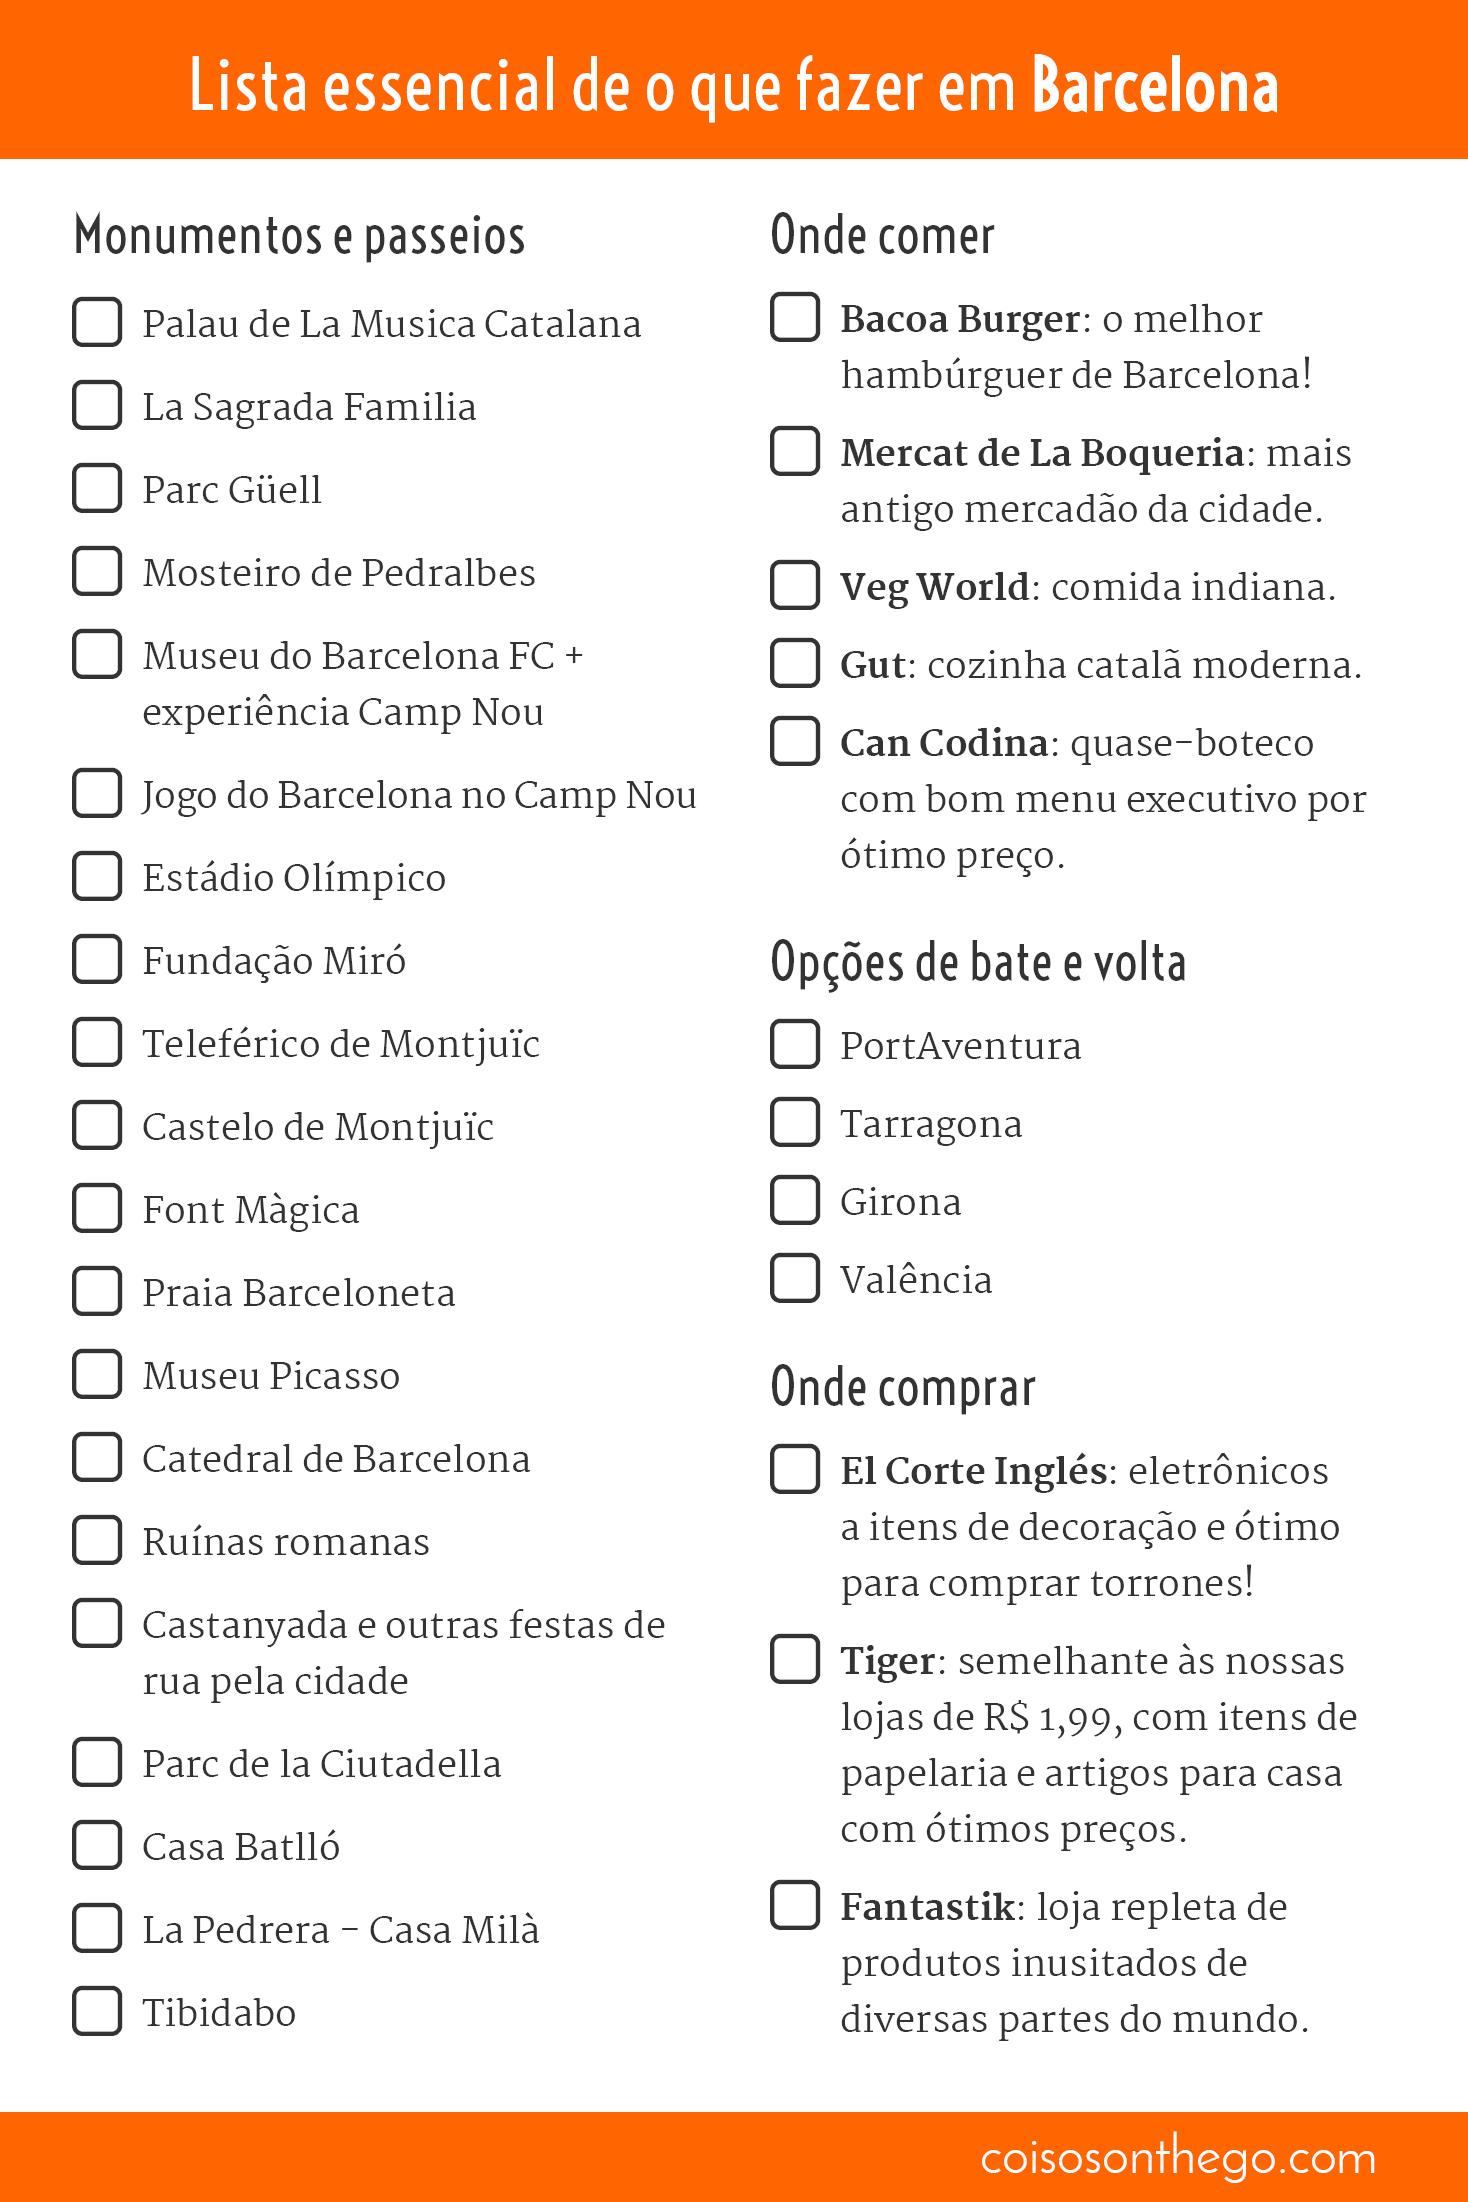 Versão para impressão da lista essencial de o que fazer em Barcelona